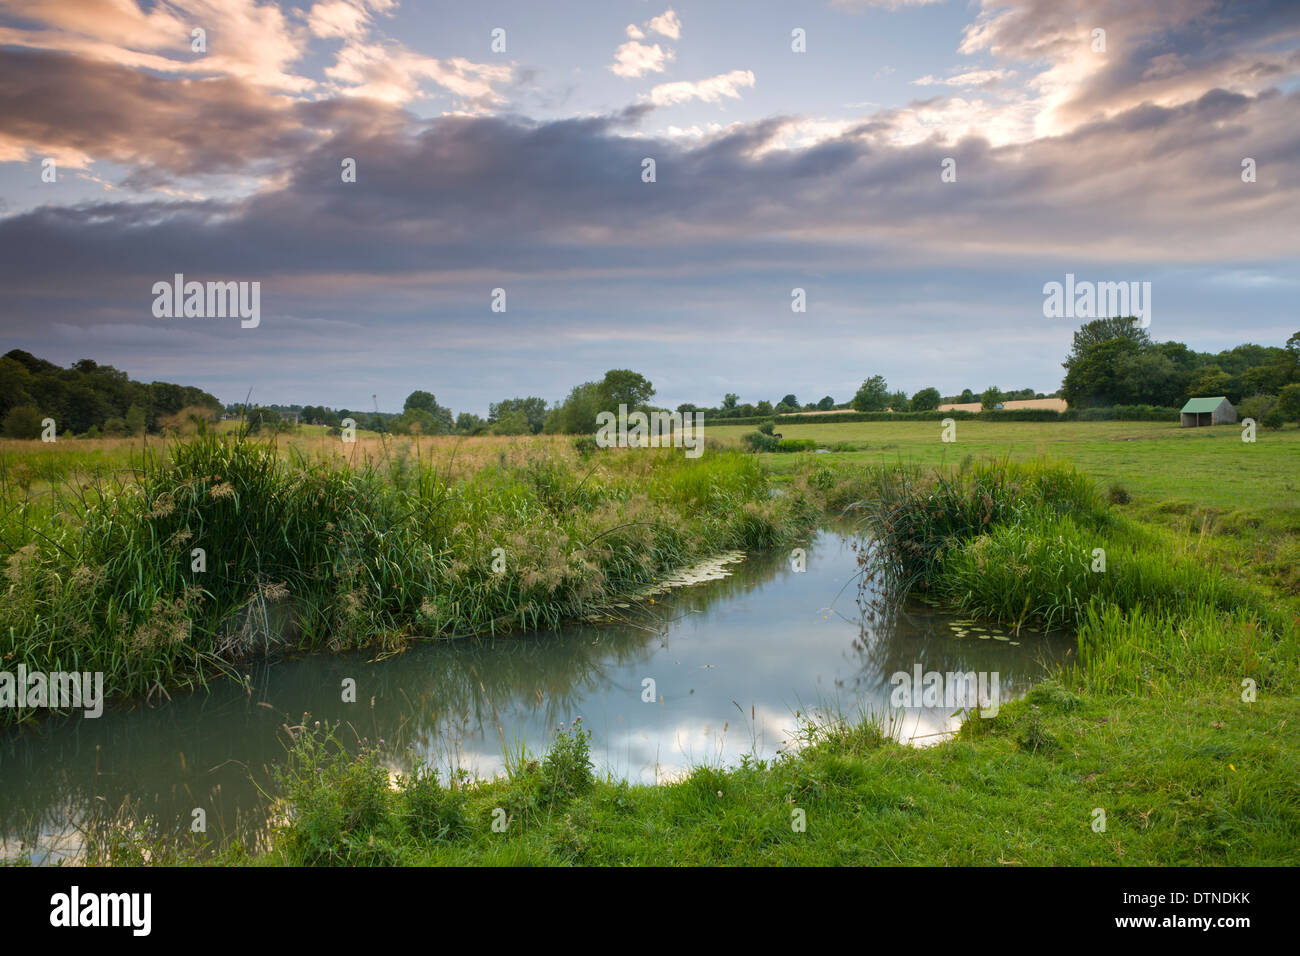 Río Windrush serpentea a lo largo de los pantanos, justo en las afueras de la localidad de Cotswolds Burford, Oxfordshire Imagen De Stock